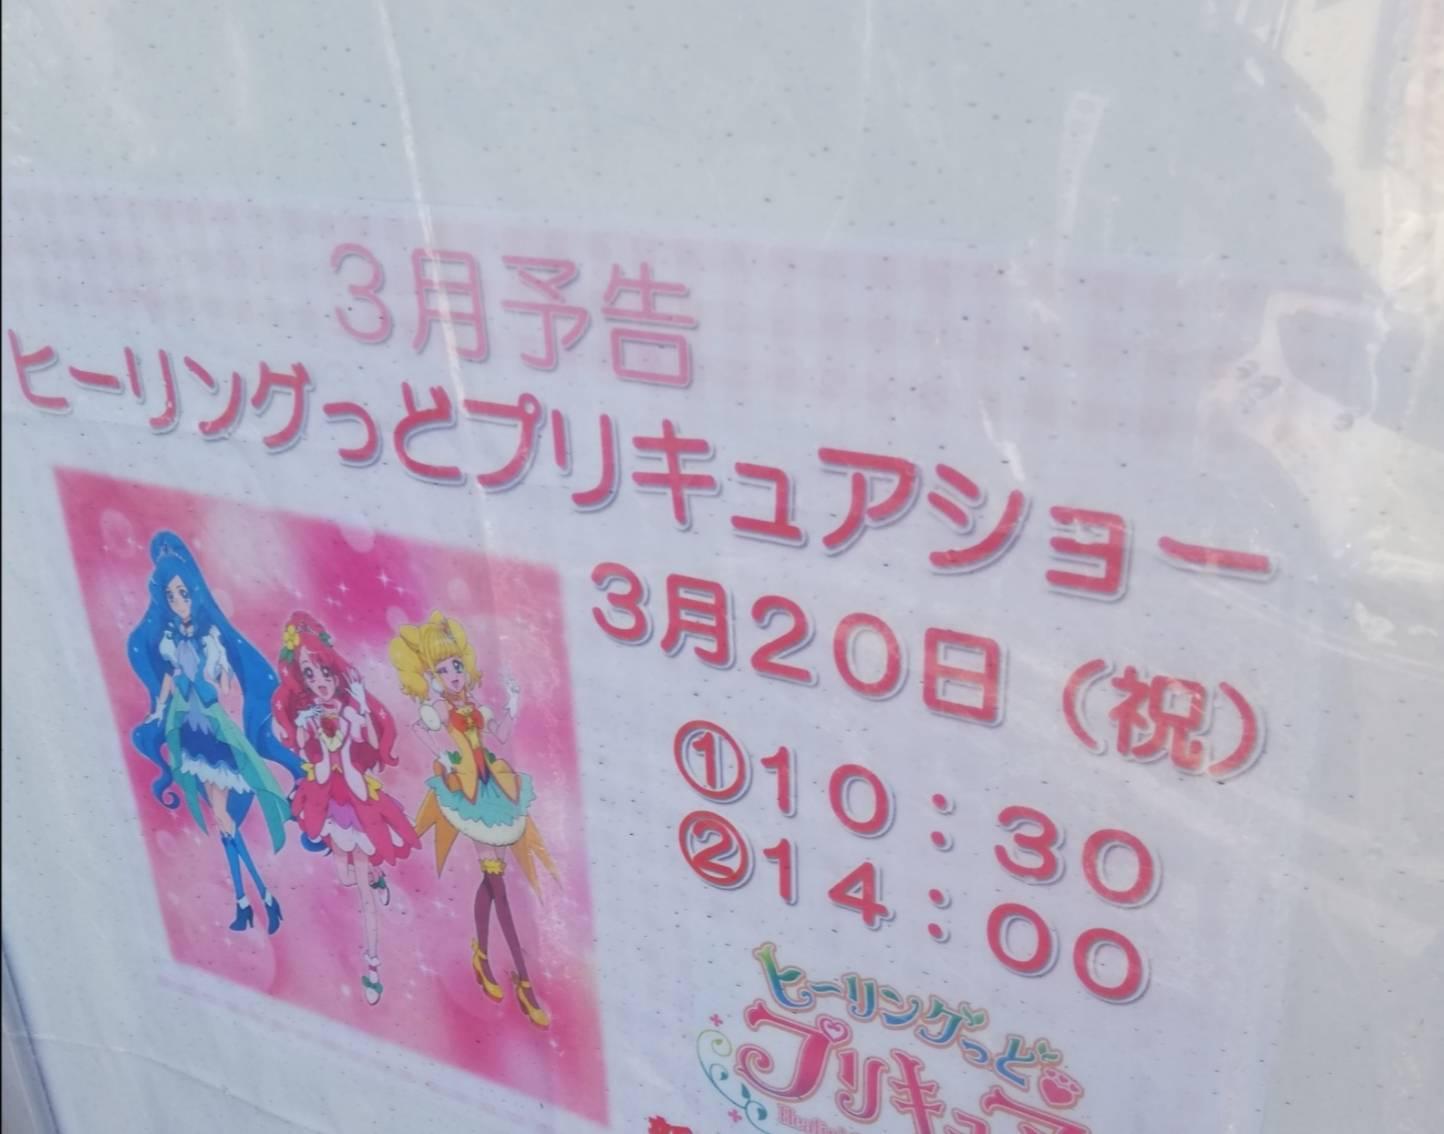 ヒーリングっどプリキュアショーハウジングプラザ松戸イベント